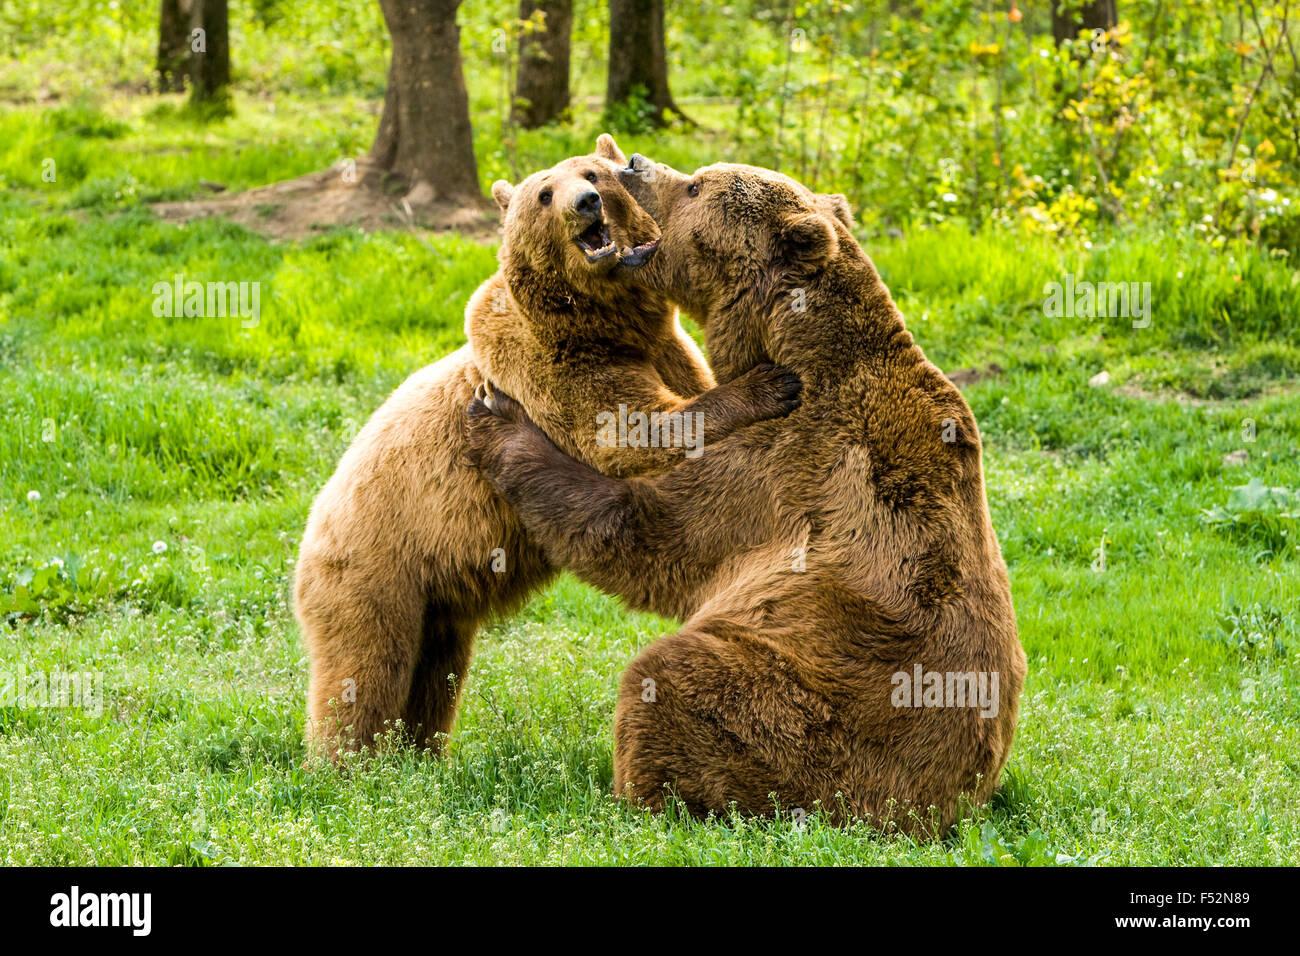 Orso selvatico abbracciando medie teleobiettivi maniglia Immagini Stock